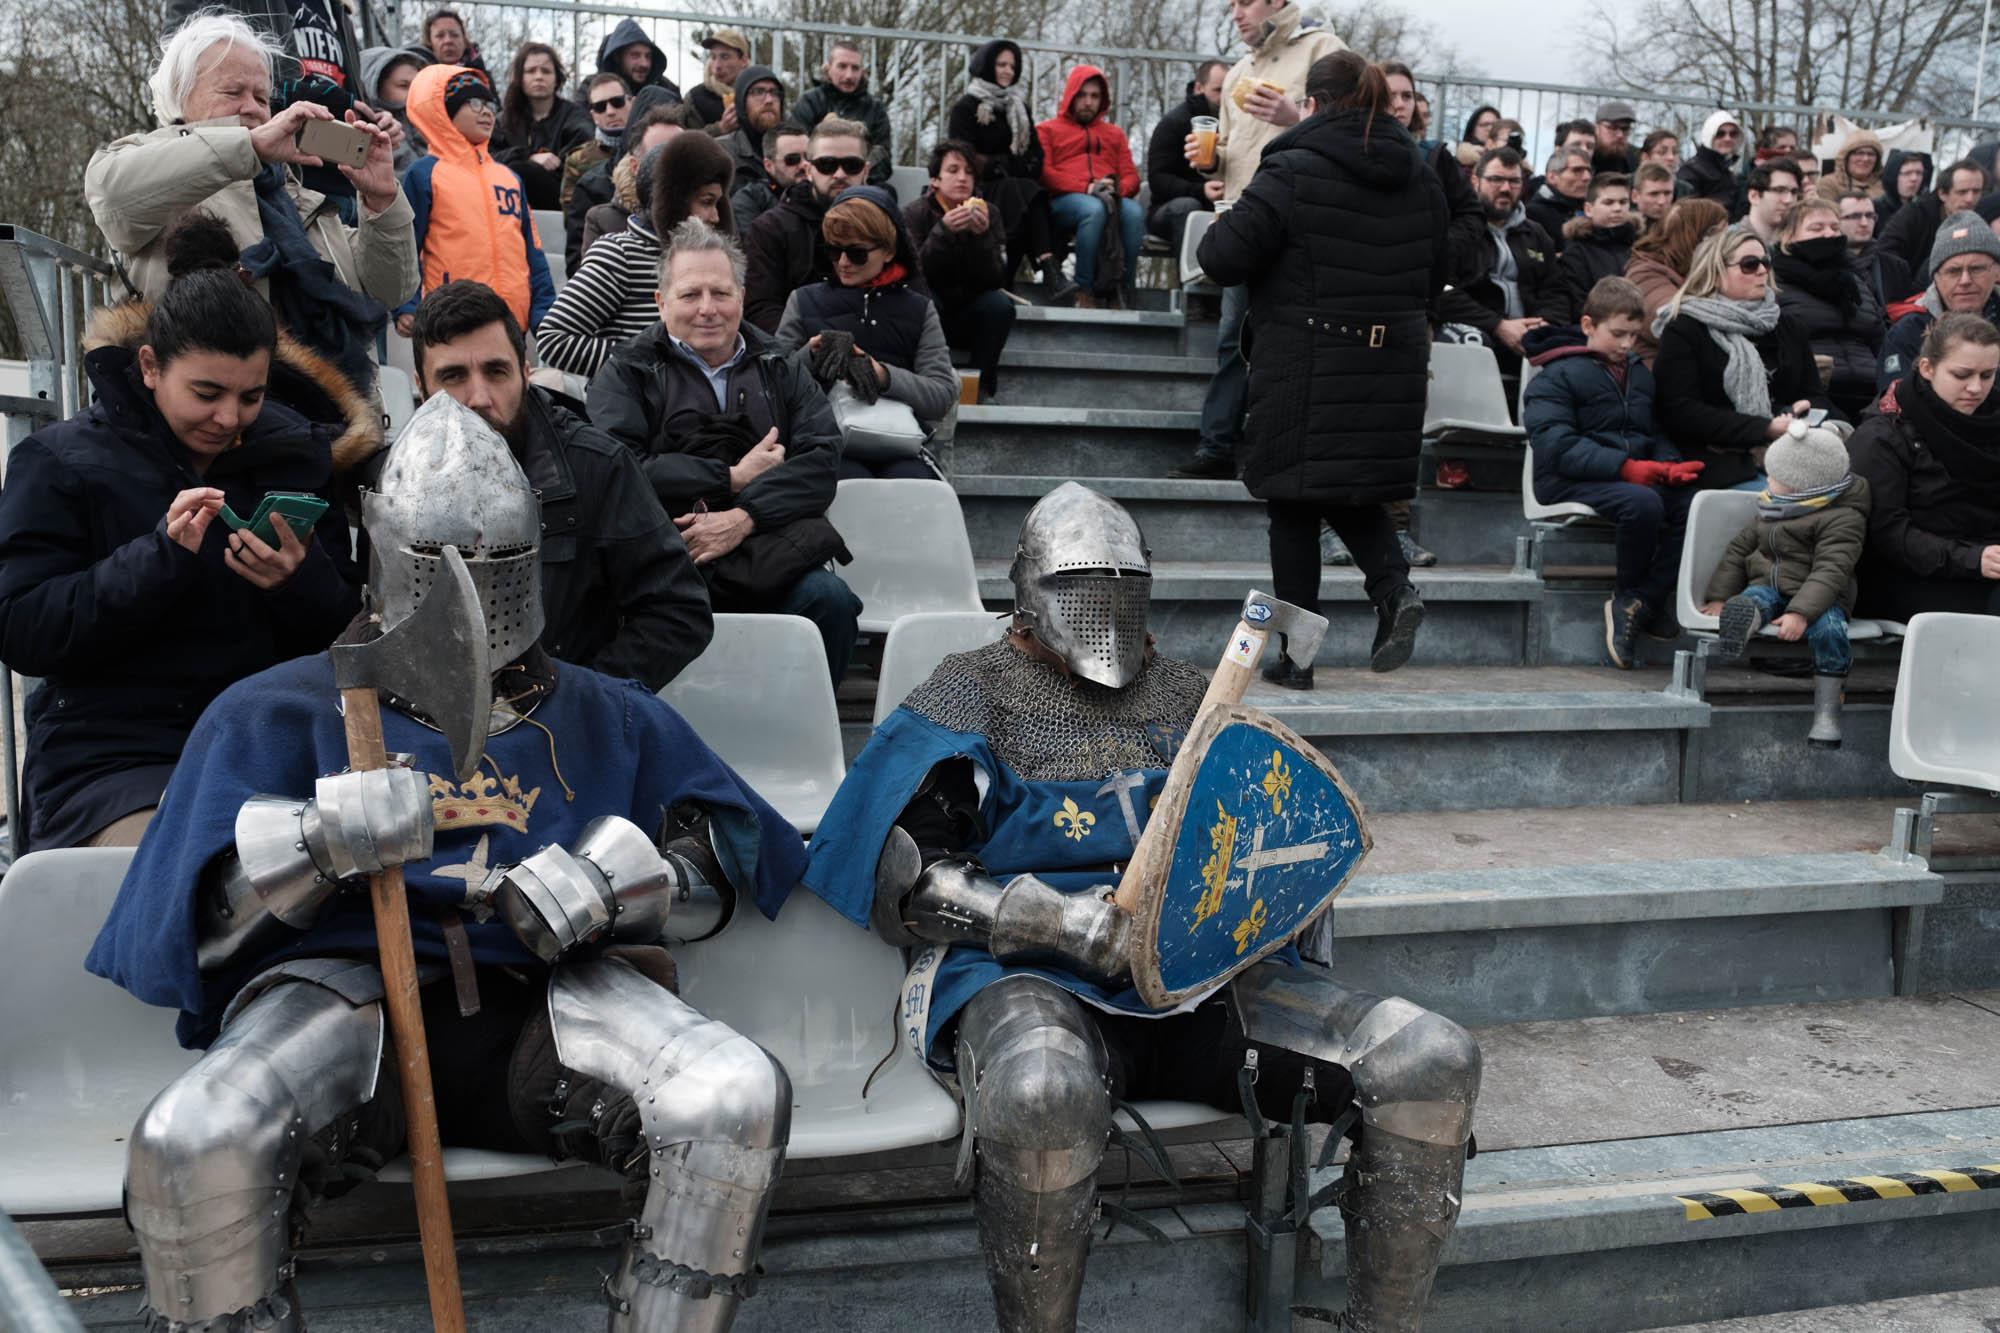 Deux combattant de l'équipe Martel (réion parisienne) attendent dans les gradins du public avant un combat. Championnat de France de Saint Dizier. Mars 2019.